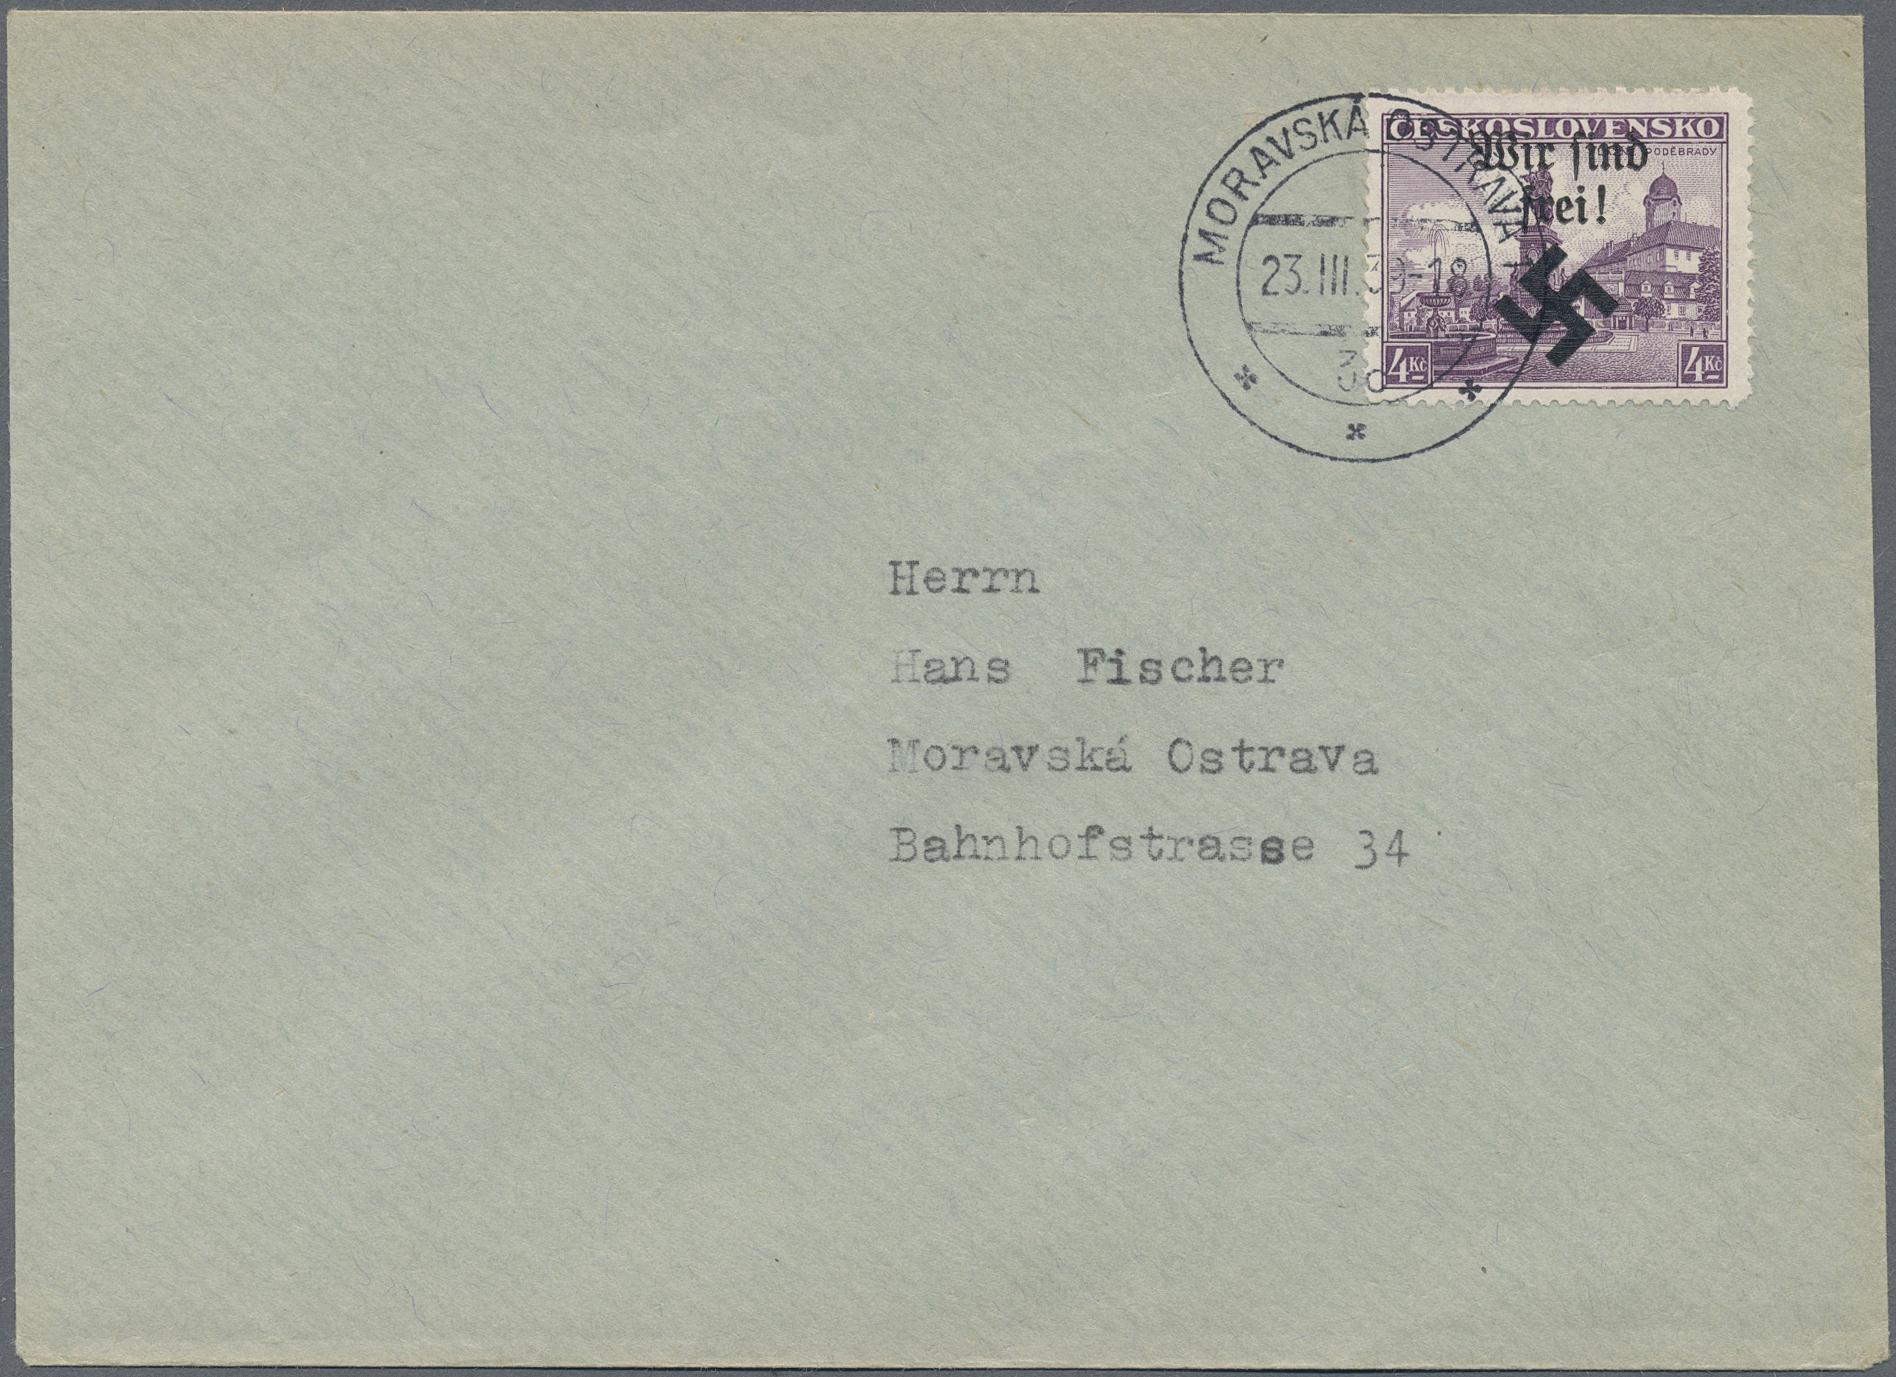 Lot 19338 - Dt. Besetzung II WK - Böhmen und Mähren - Mährisch-Ostrau  -  Auktionshaus Christoph Gärtner GmbH & Co. KG Auction #40 Germany, Picture Post Cards, Collections Overseas, Thematics